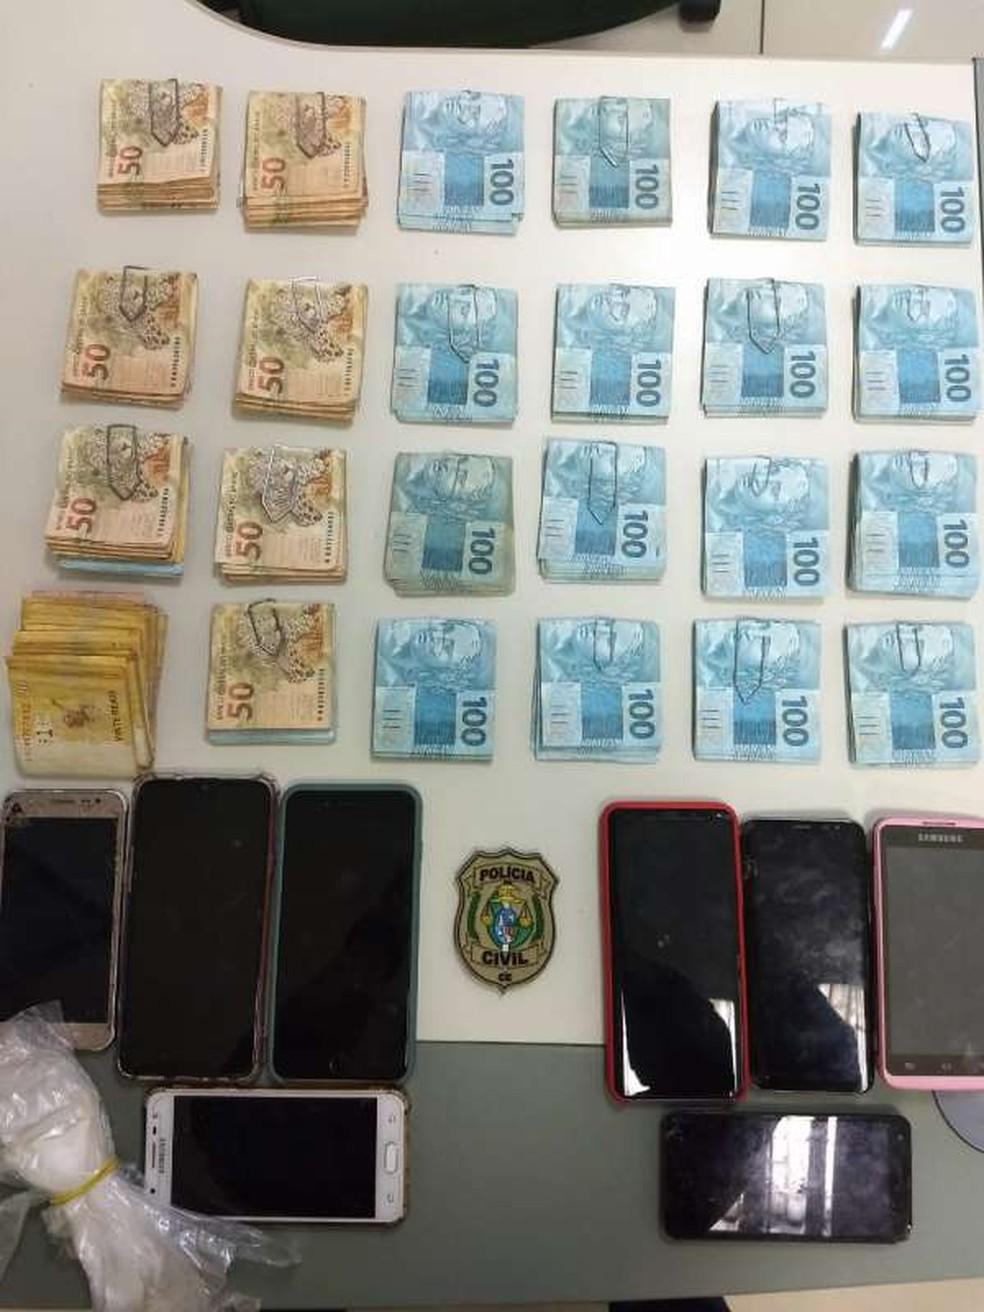 Mãe e filha foram flagradas com aparelhos celulares roubados e R$ 24 mil em espécie em residência no município de Caucaia, na Grande Fortaleza. — Foto: Polícia Civil/ Divulgação